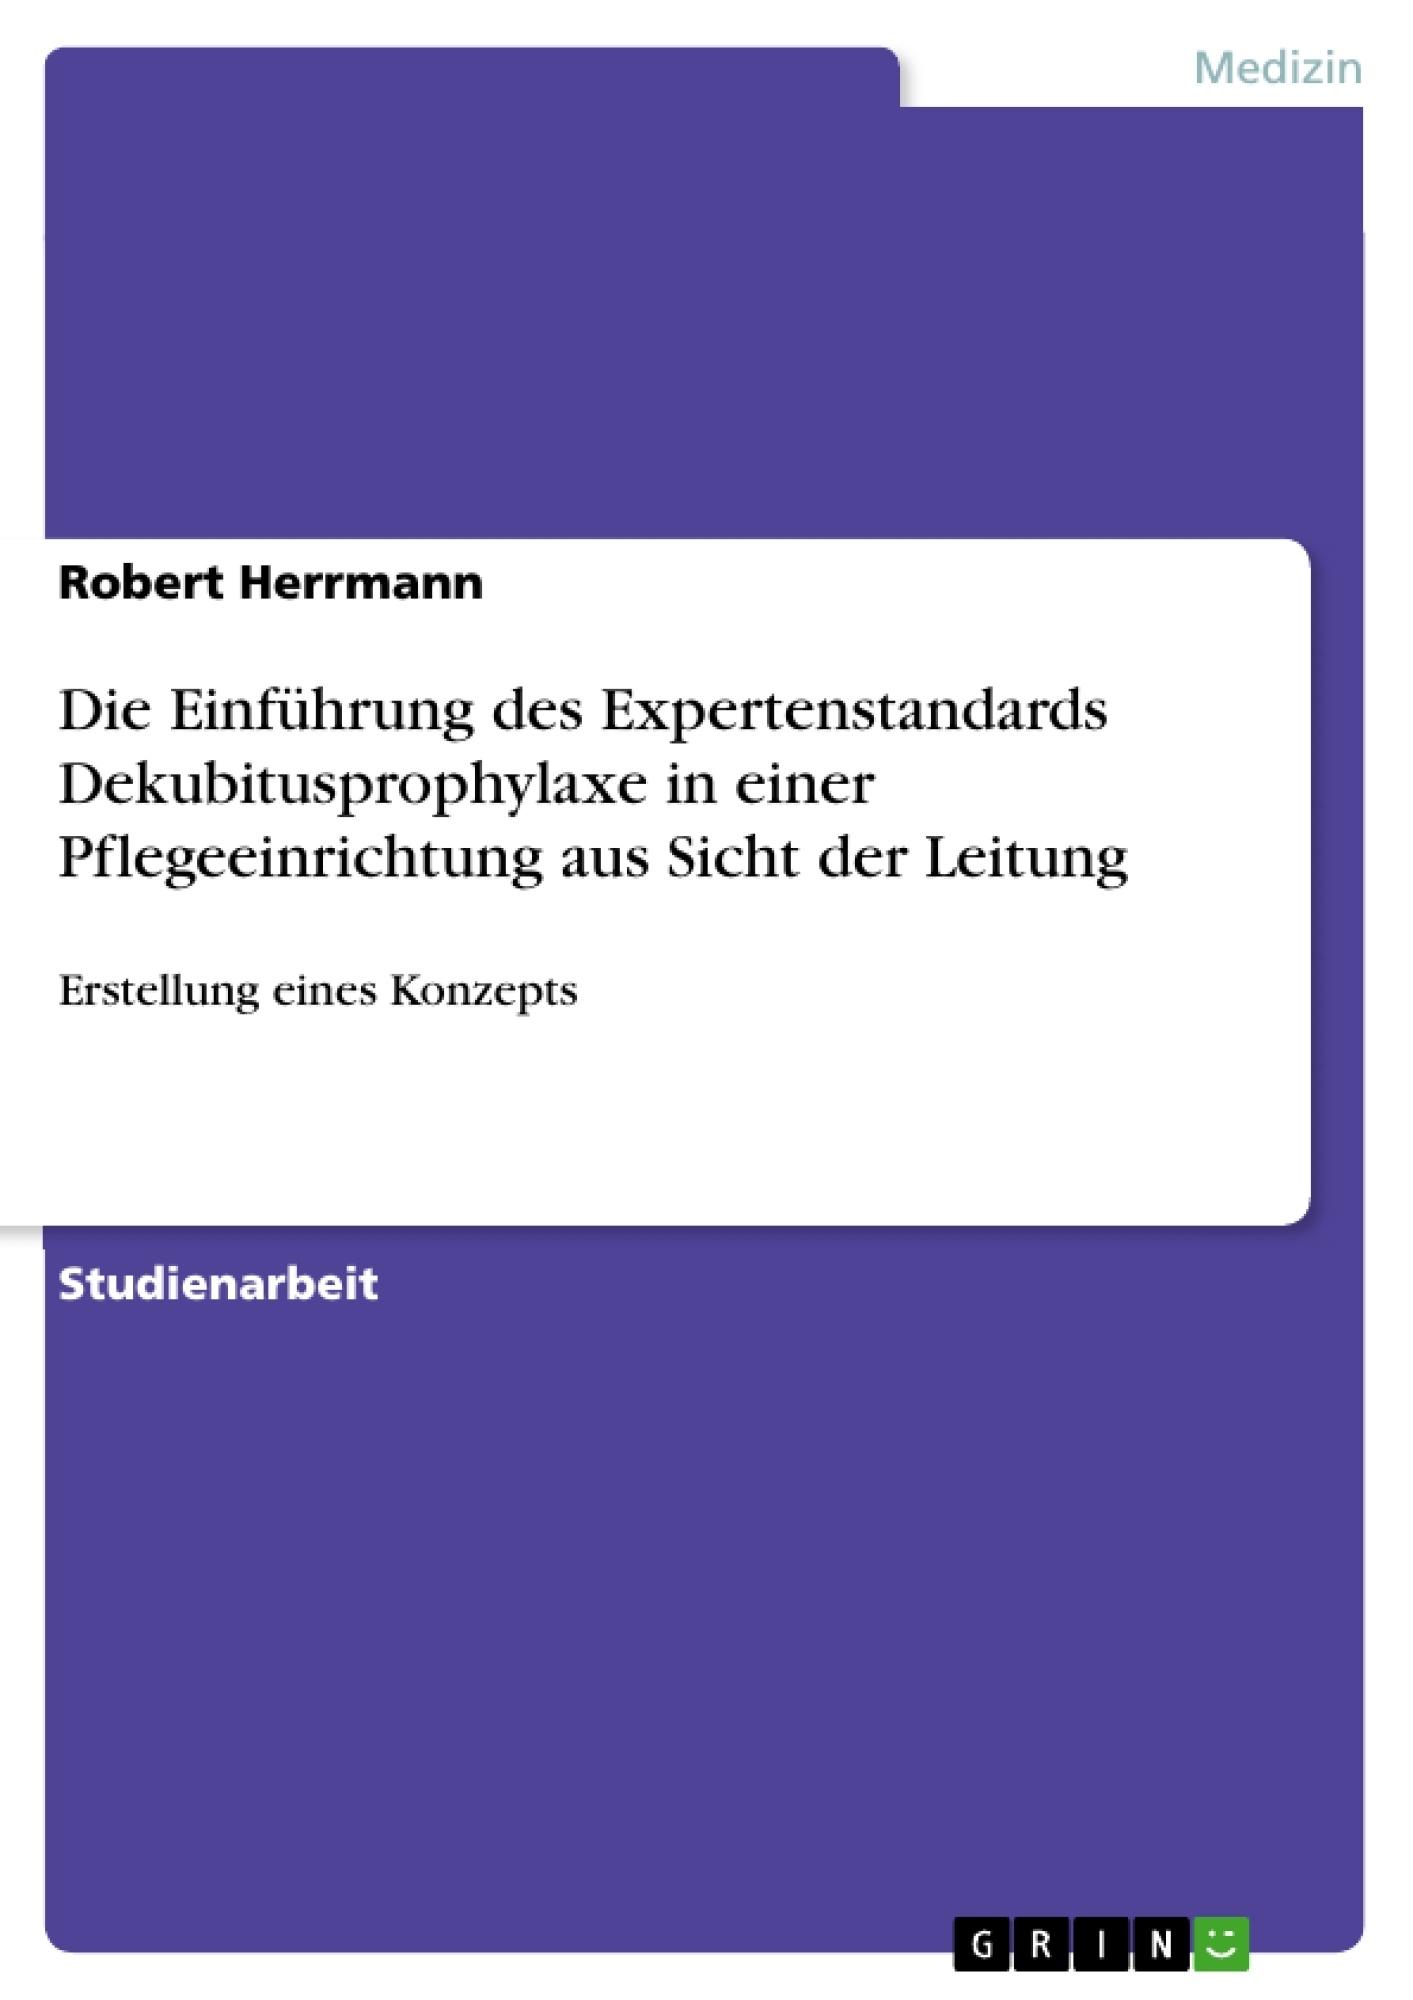 Titel: Die Einführung des Expertenstandards Dekubitusprophylaxe in einer Pflegeeinrichtung aus Sicht der Leitung